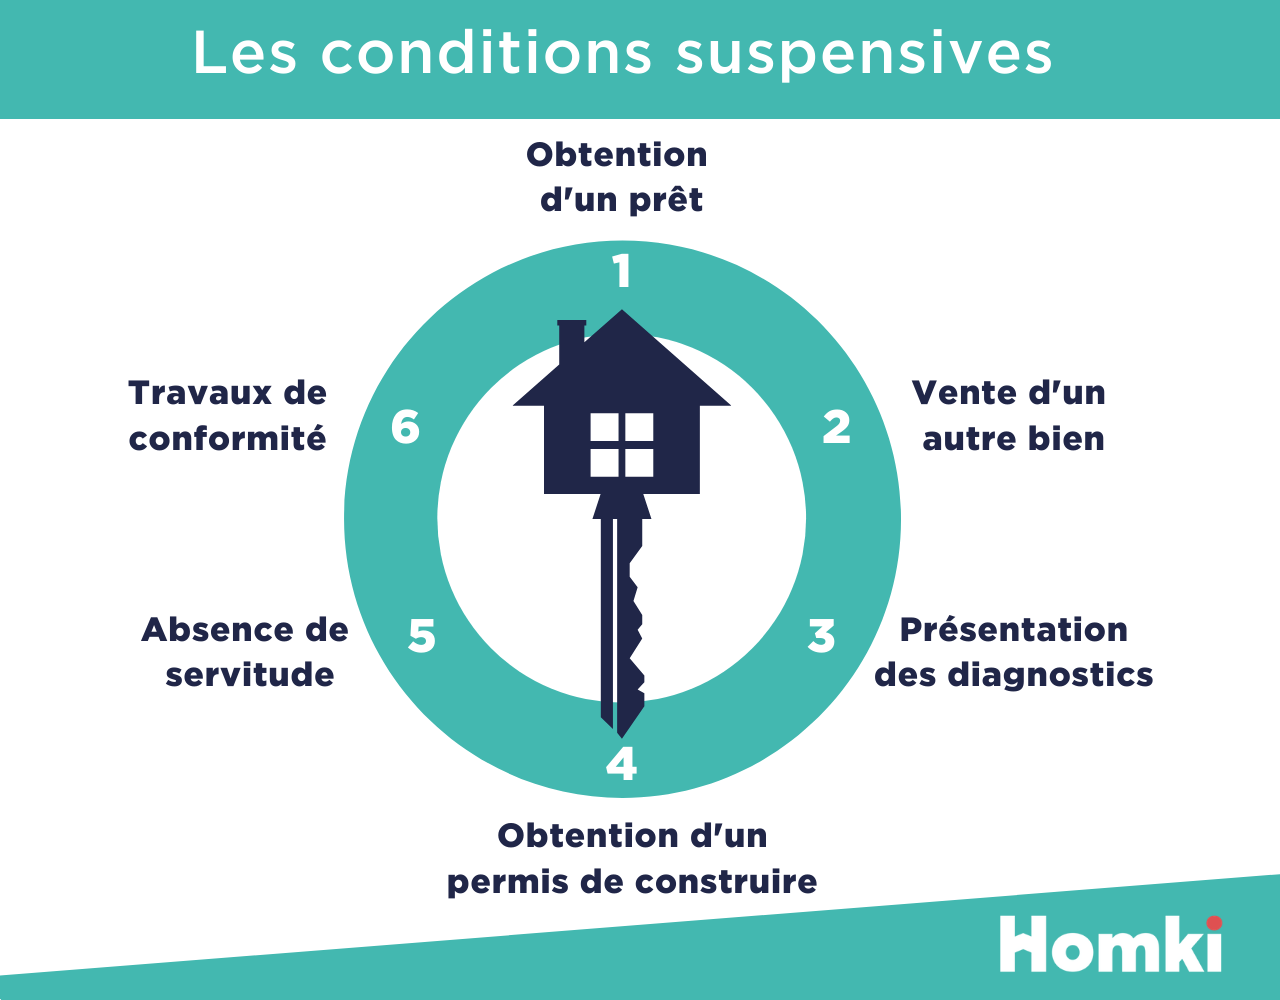 Homki - Les conditions suspensives